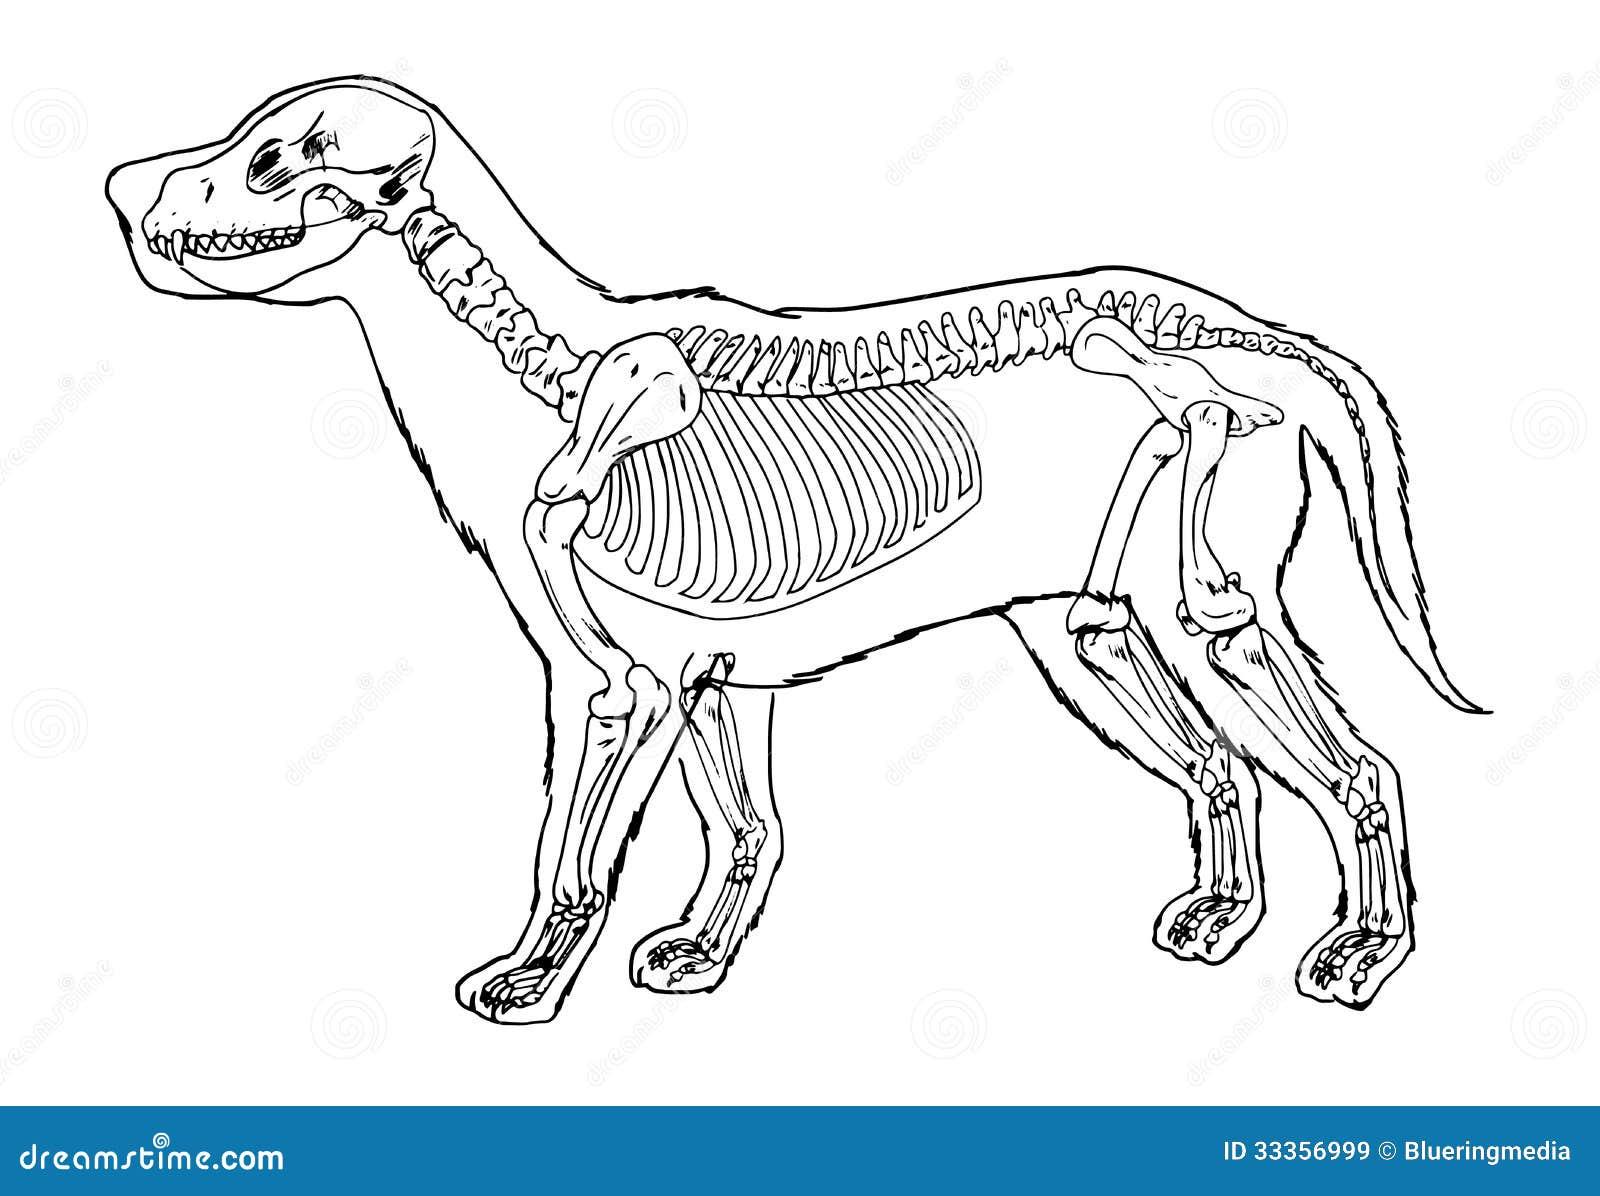 Hundeskelettentwurf Lizenzfreie Stockbilder Bild 33356999